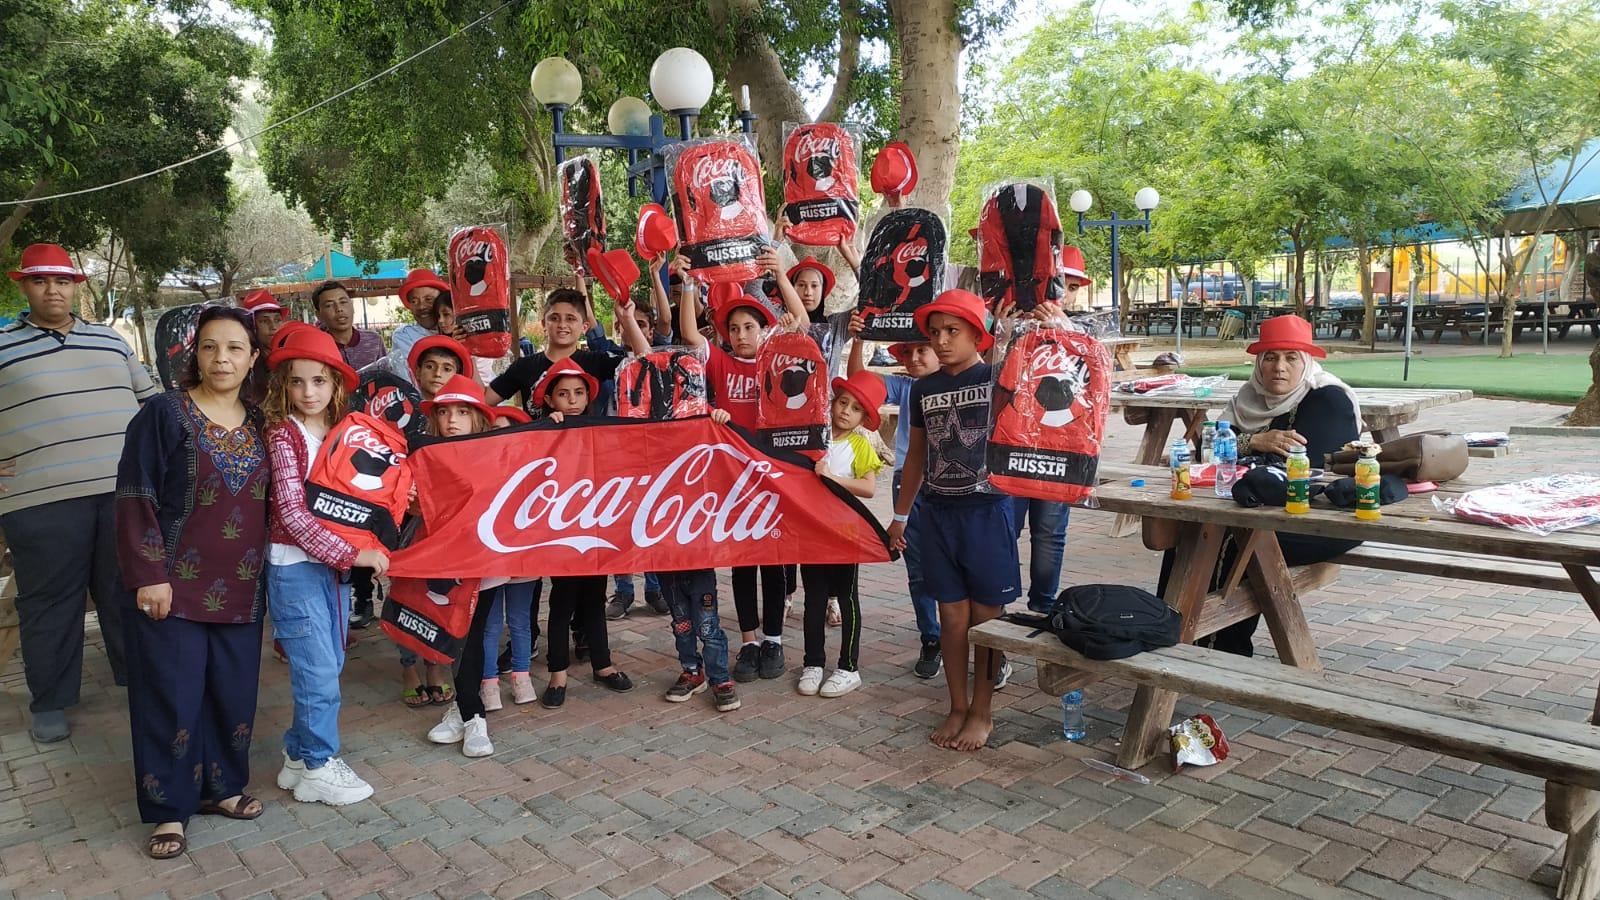 """بالتعاون مع """"صحة نابلس"""" و""""أصدقاء الثلاسيميا"""": المشروبات الوطنية ترعى يوما ترفيهيا لأطفال الثلاسيميا"""